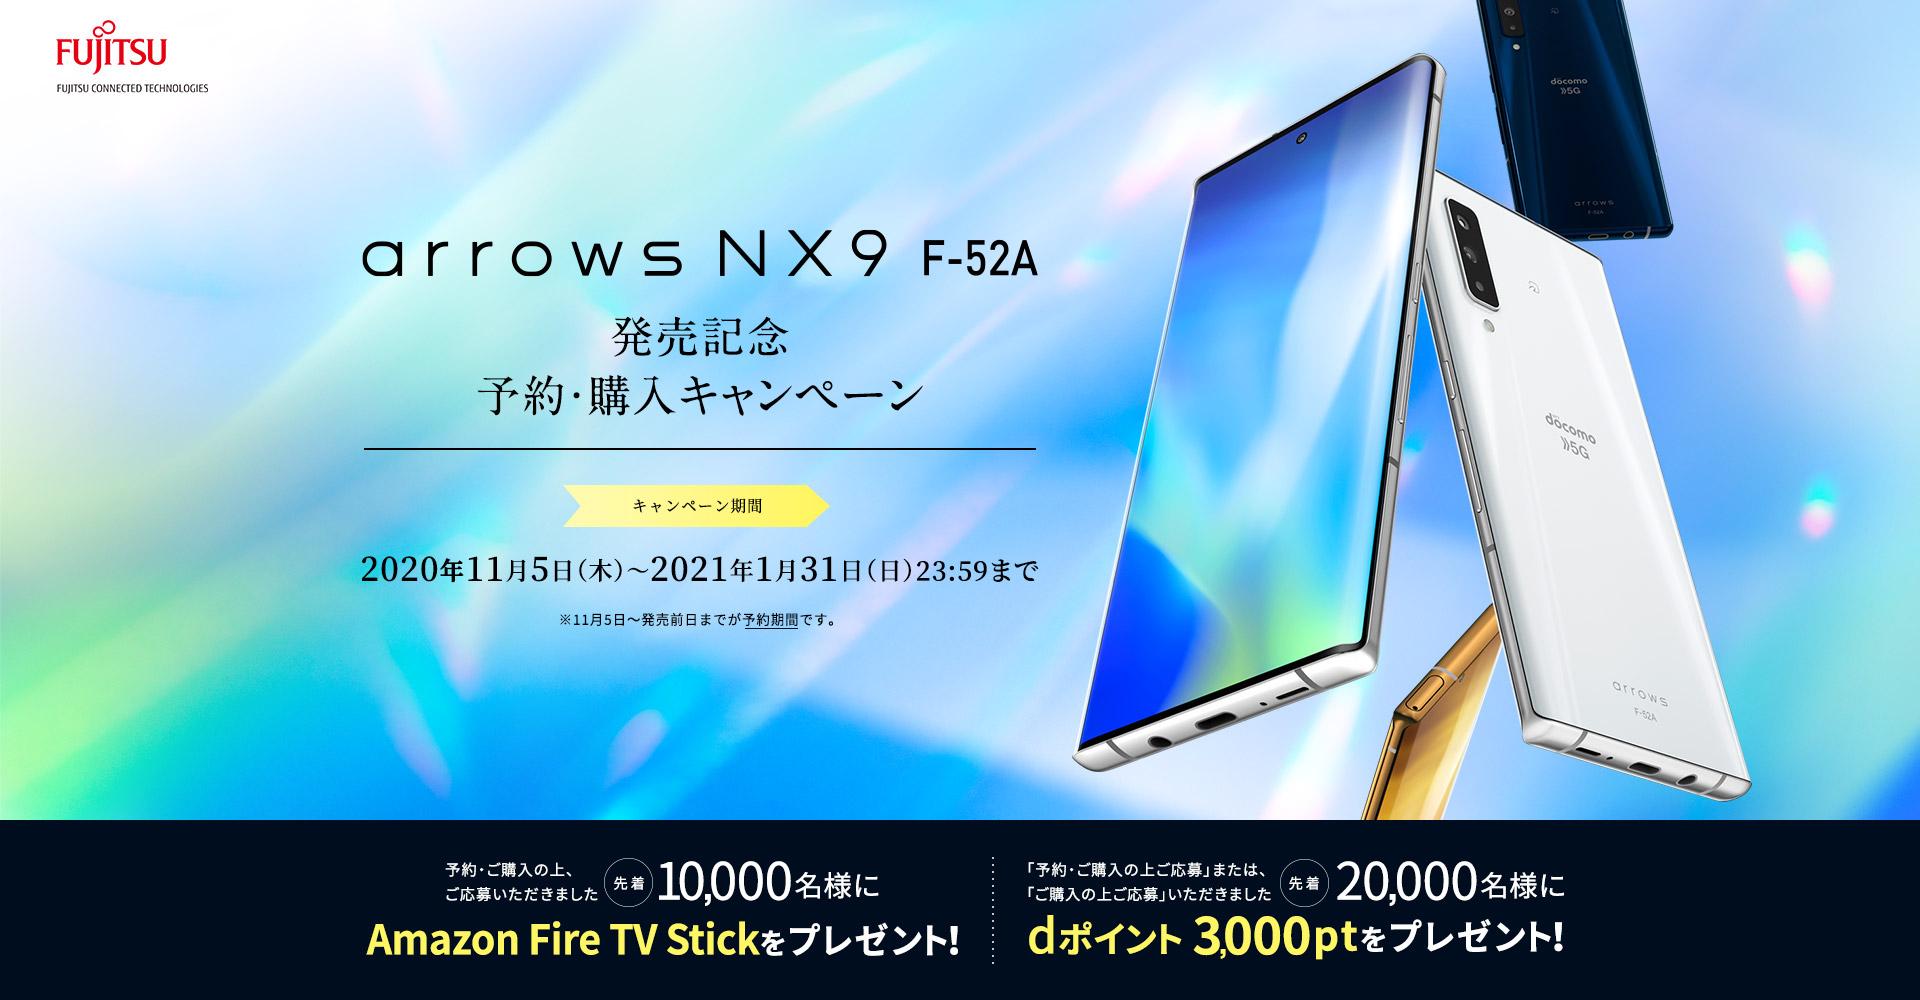 「arrows NX9 F-52A」予約&購入キャンペーン